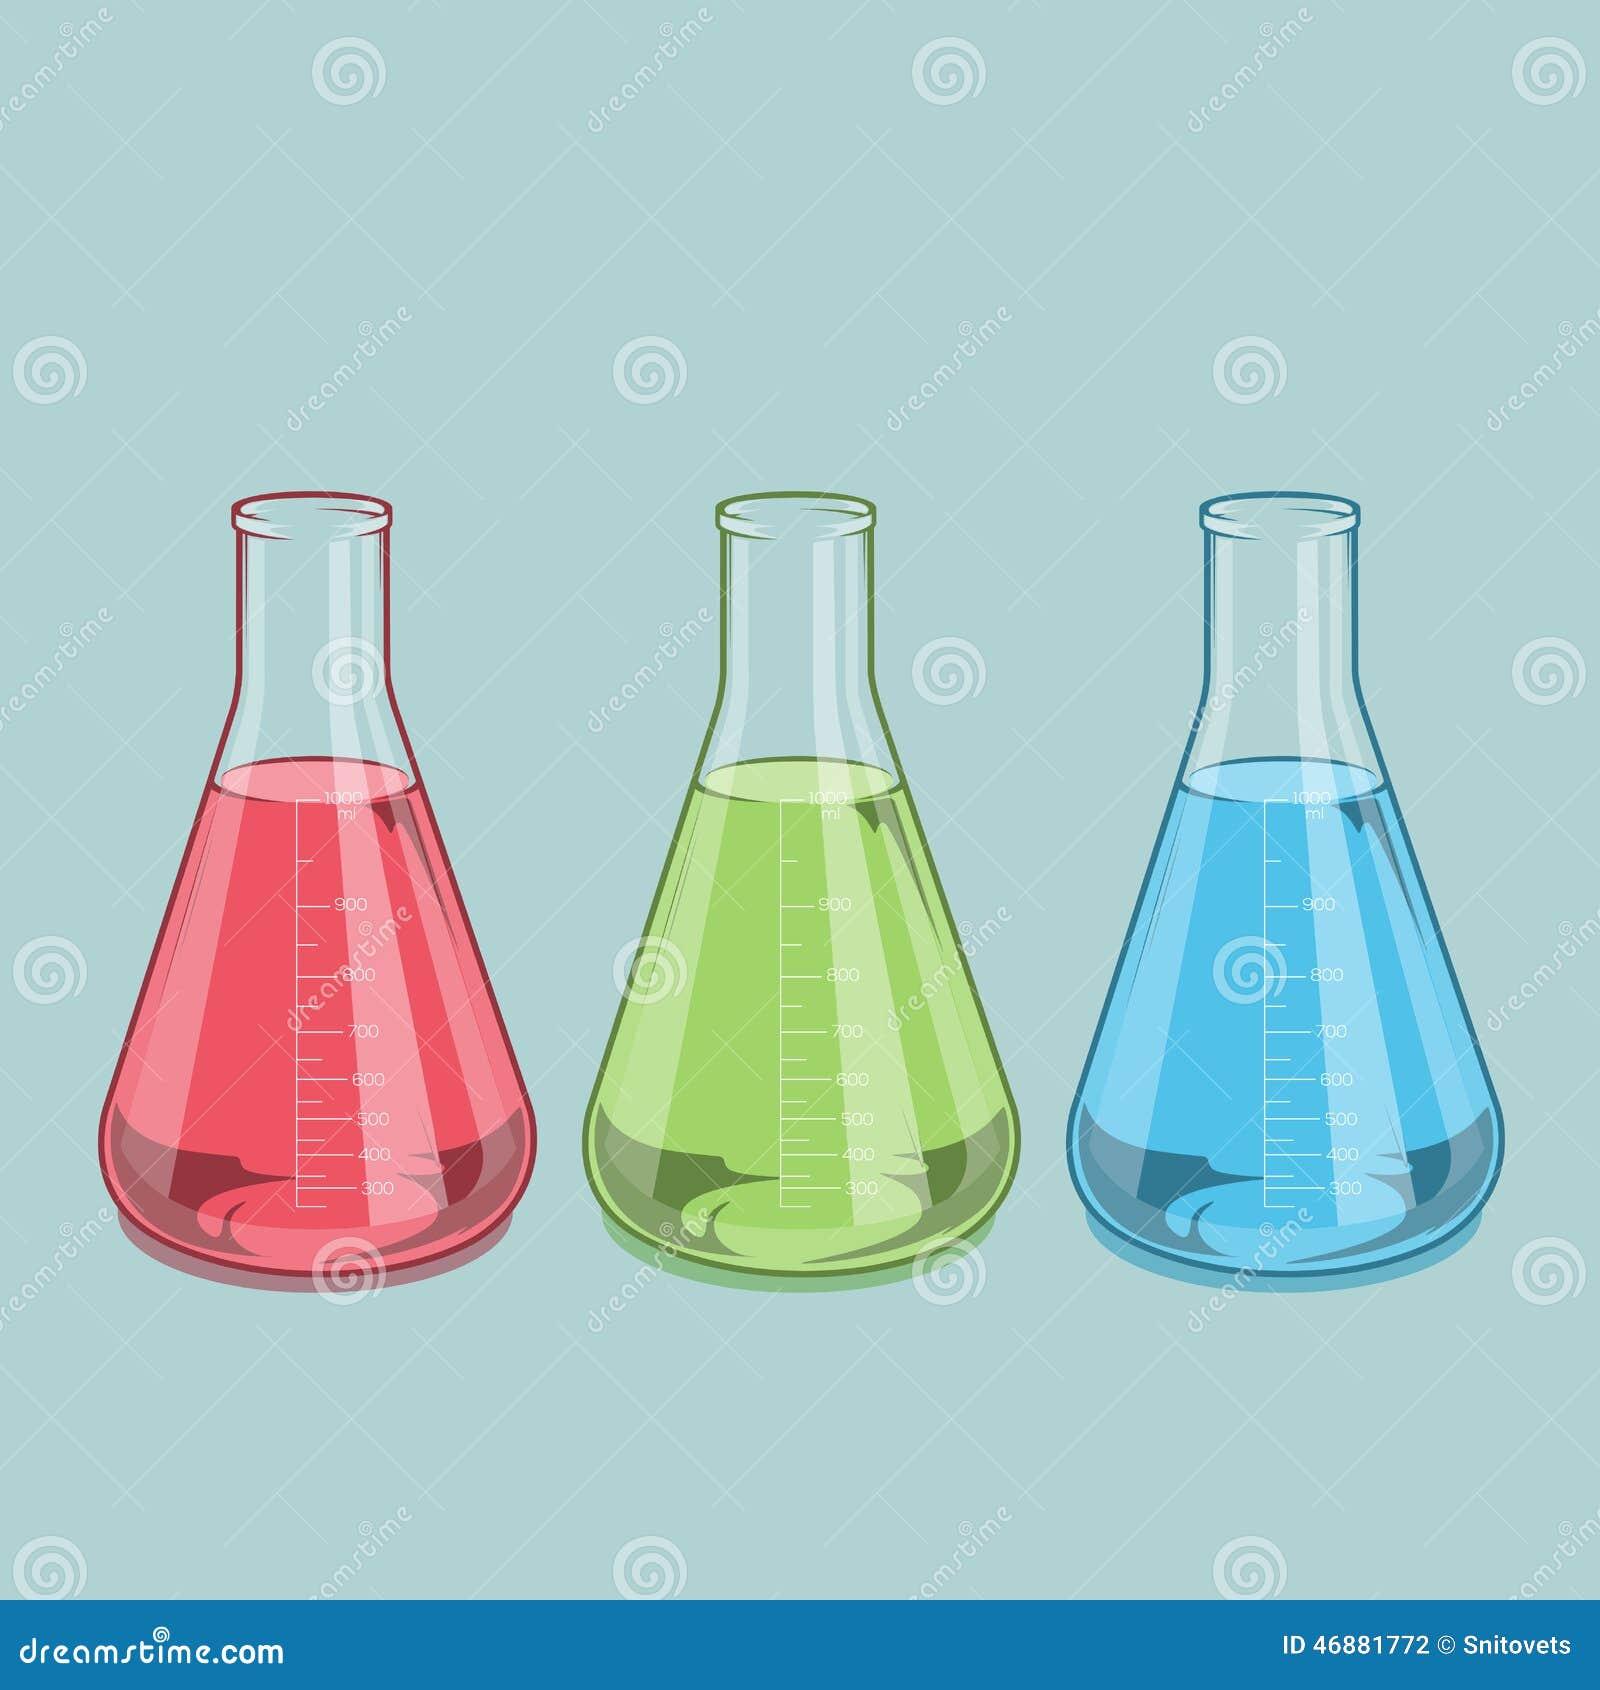 Χημικά γυαλικά που απομονώνονται εργαστηριακά Κόκκινο, πράσινο και μπλε υγρό Erlenmeyer φιάλη 1000ml Τέχνη χρωματισμένων γραμμών